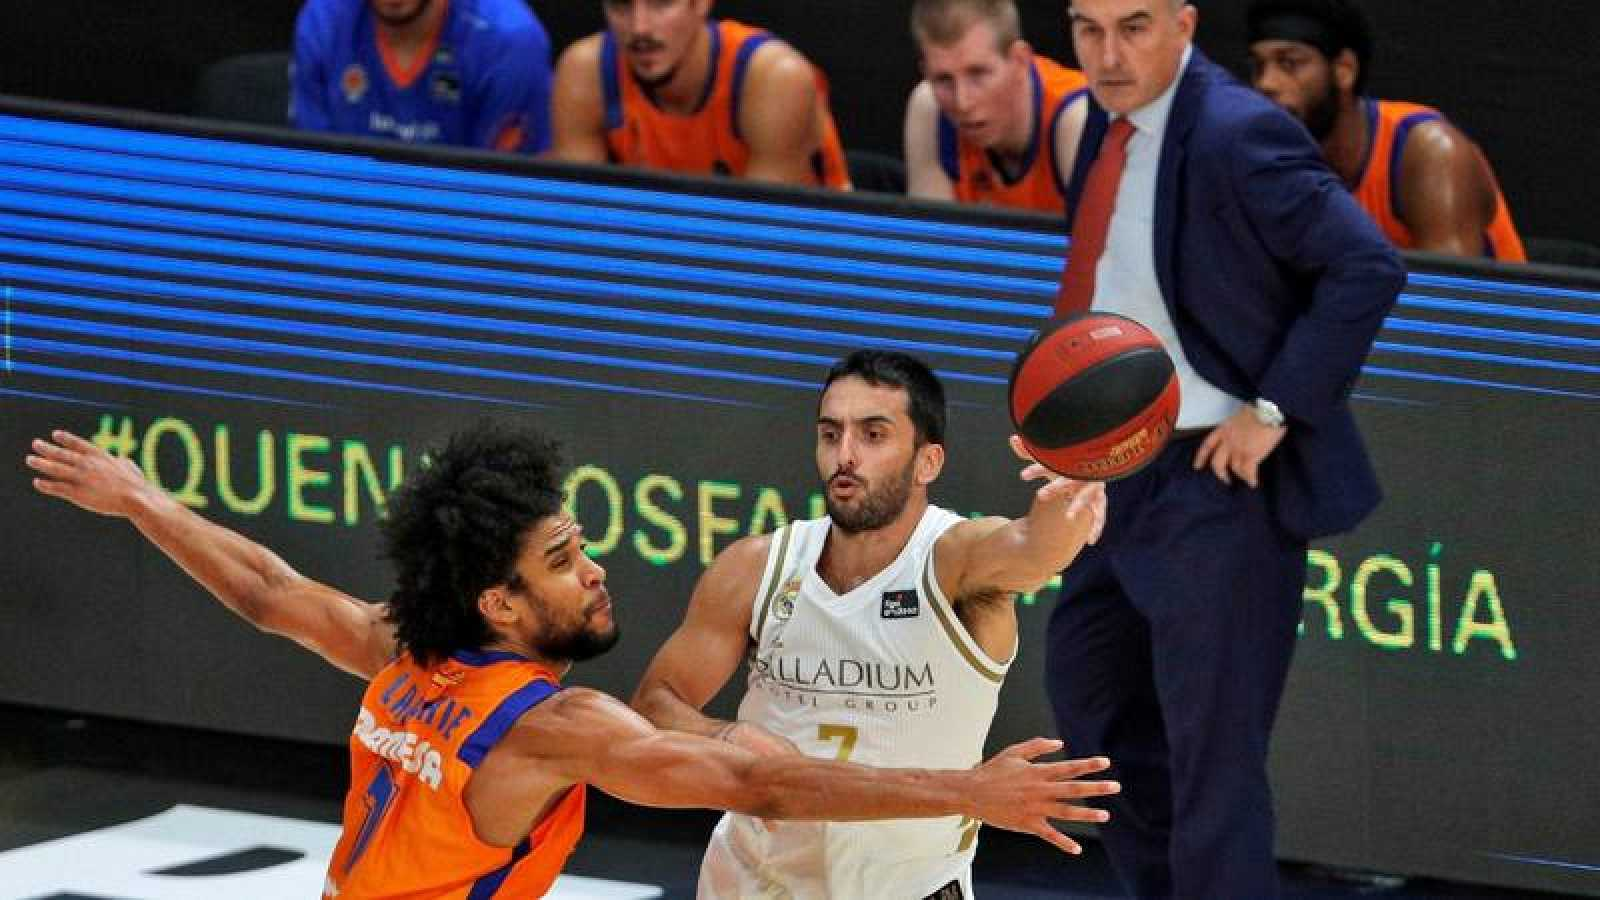 El base argentino del Real Madrid, Facundo Campazzo, asiste a un compañero ante el ala pívot francés del Valencia Basket, Louis Labeyrie.